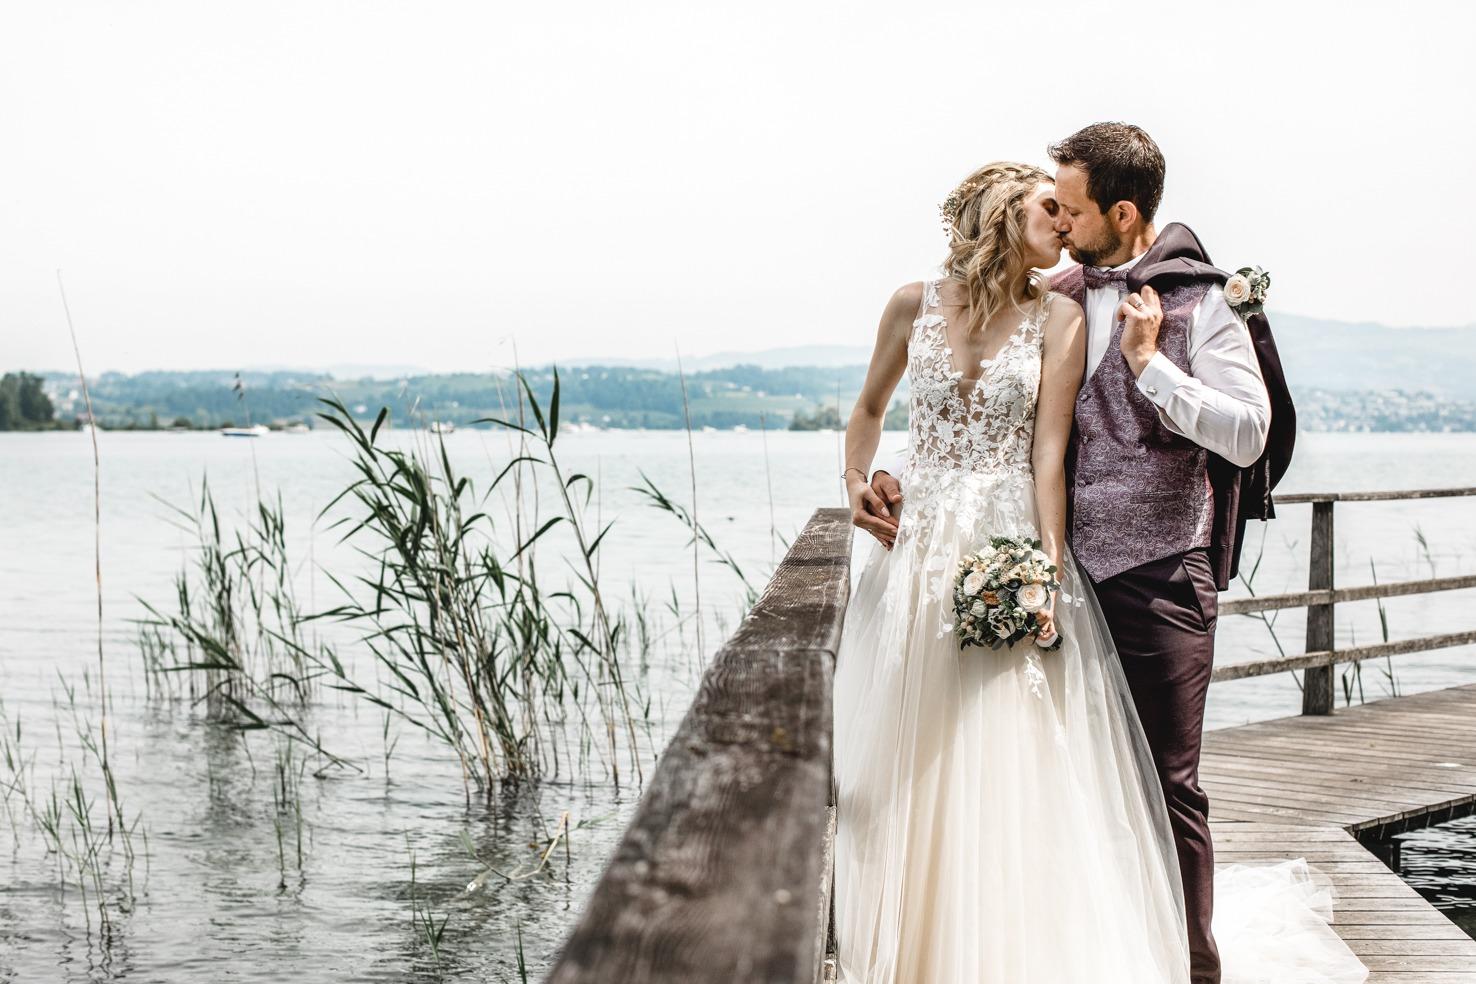 Braut 2021 Carina Airbrush und Boho-Hairstyling